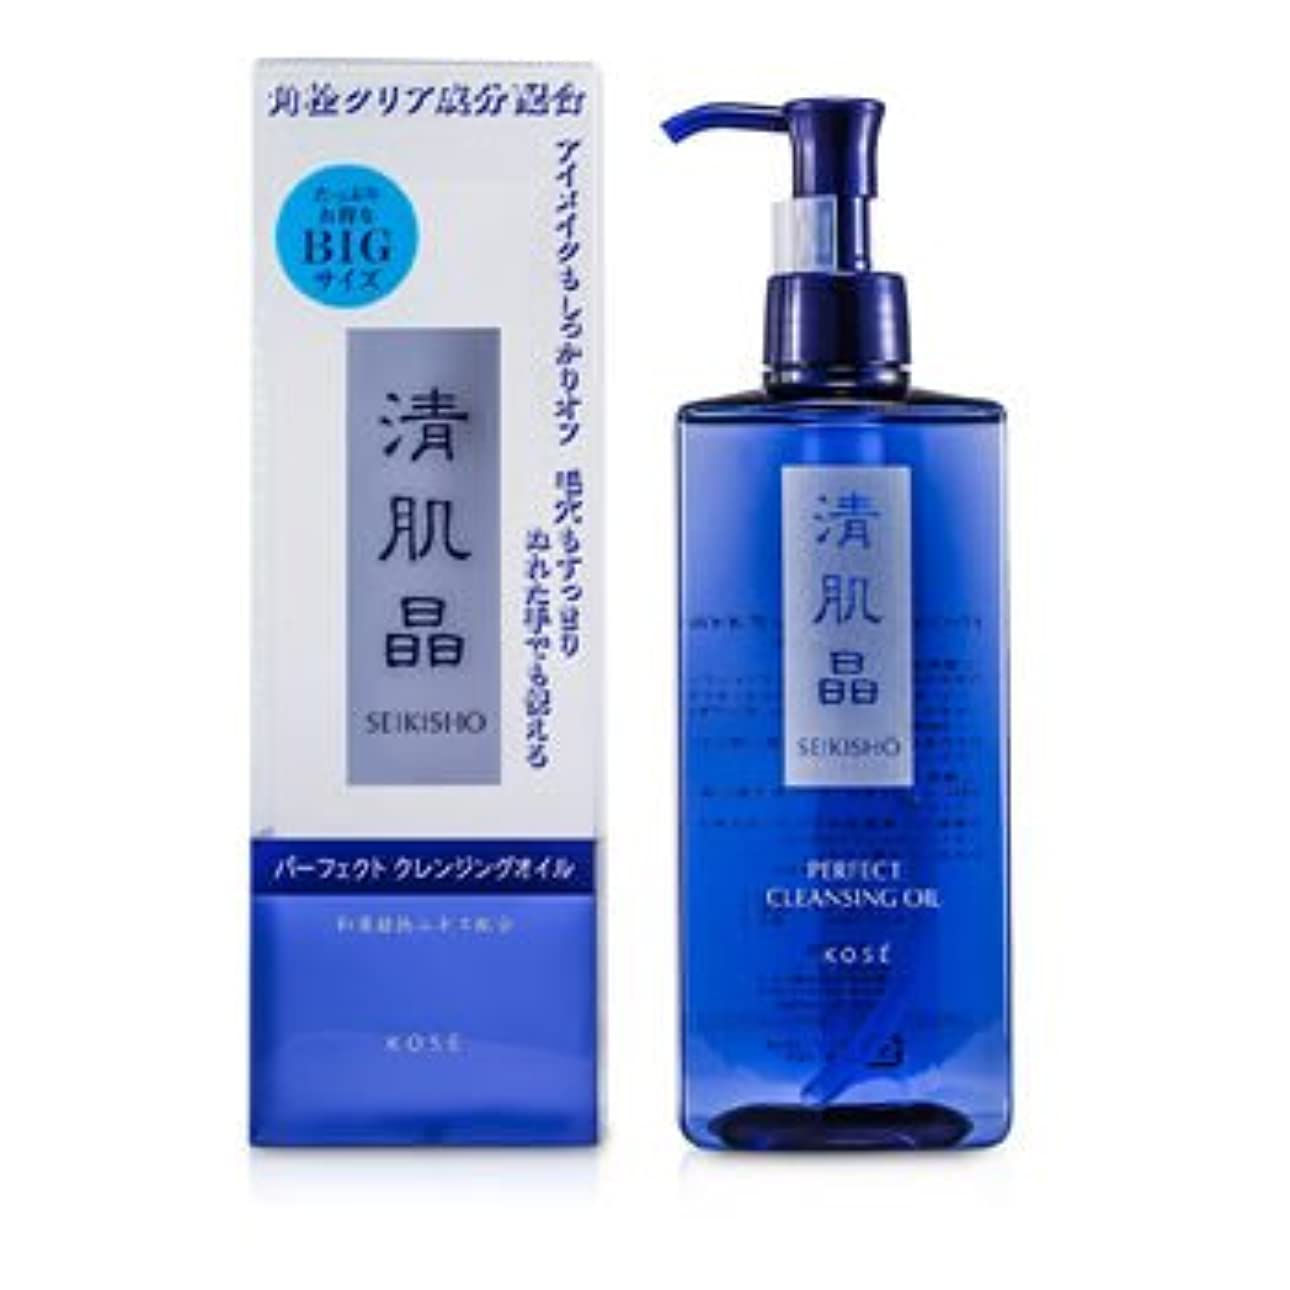 時期尚早消防士ビルダーコーセー Seikisho Perfect Cleansing Oil 330ml/11oz並行輸入品